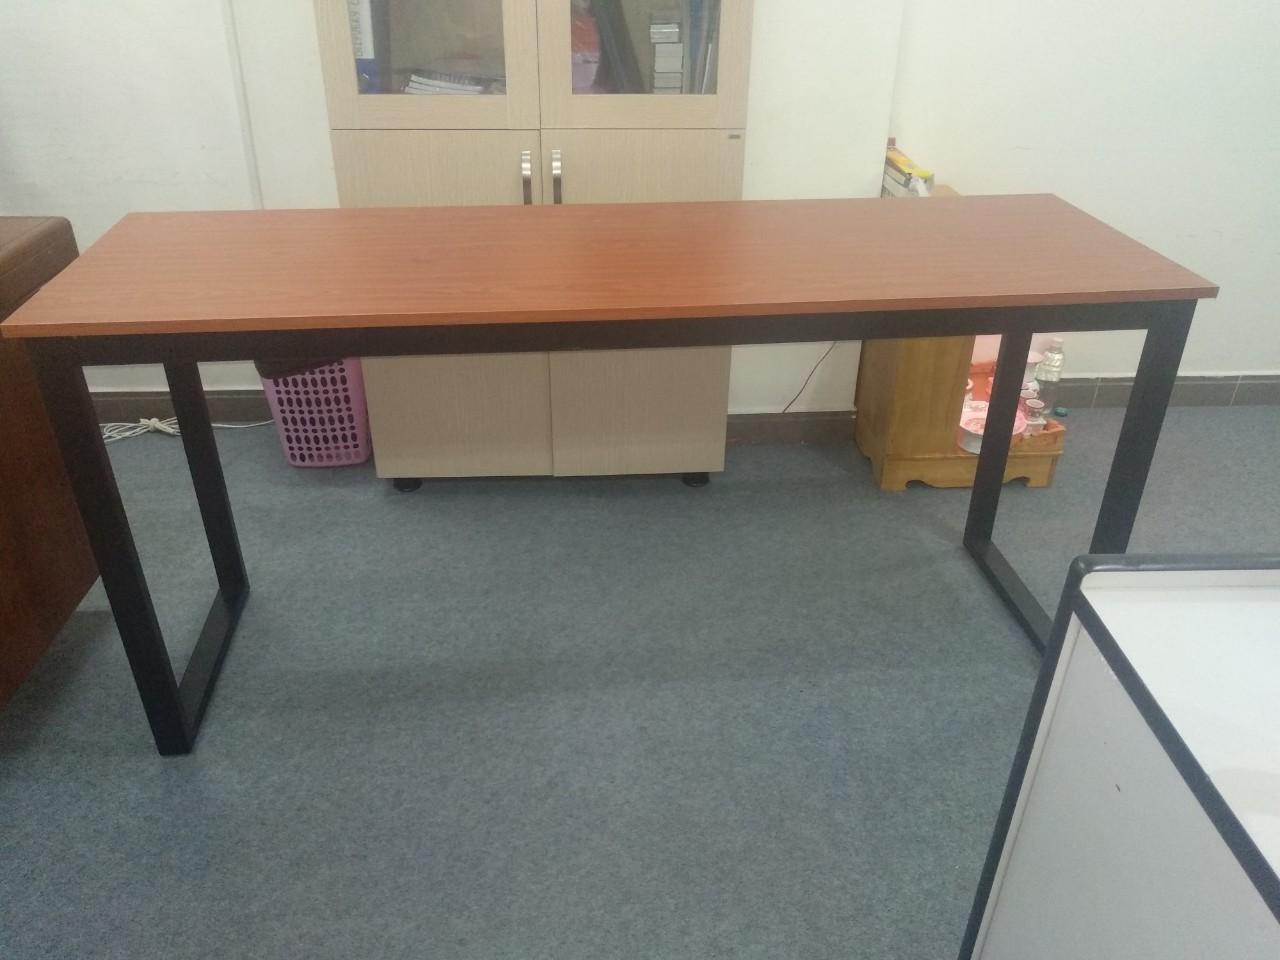 Bàn văn phòng chân sắt khung lắp ráp 1m6 x 60 : KG – S160